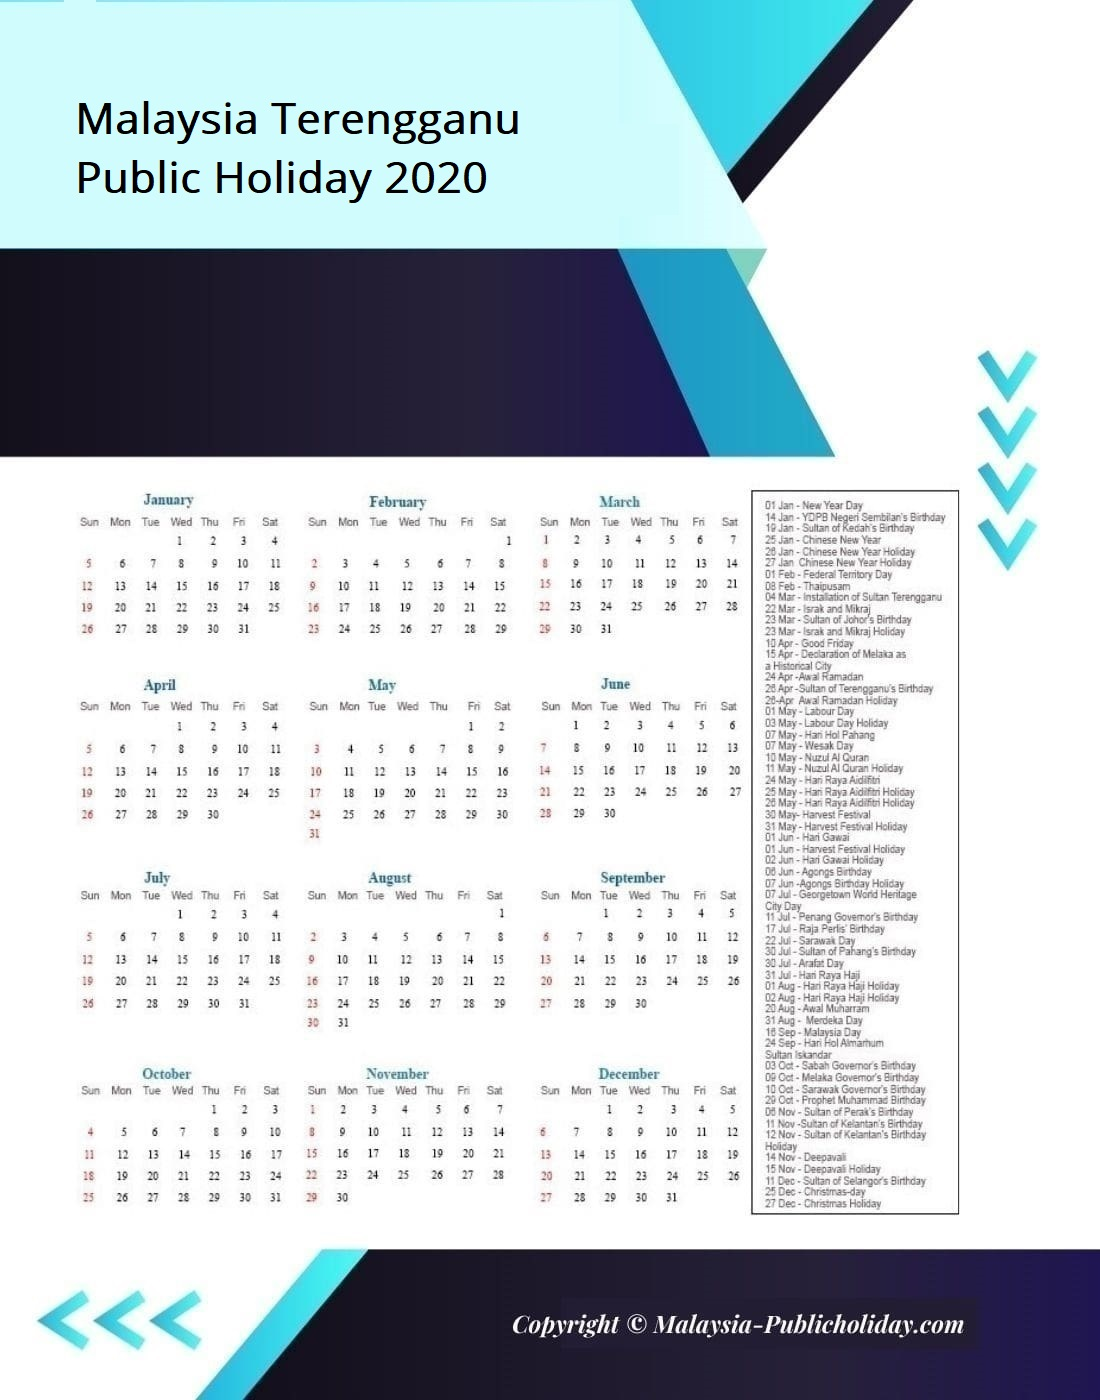 Terengganu Calendars with Holidays 2020